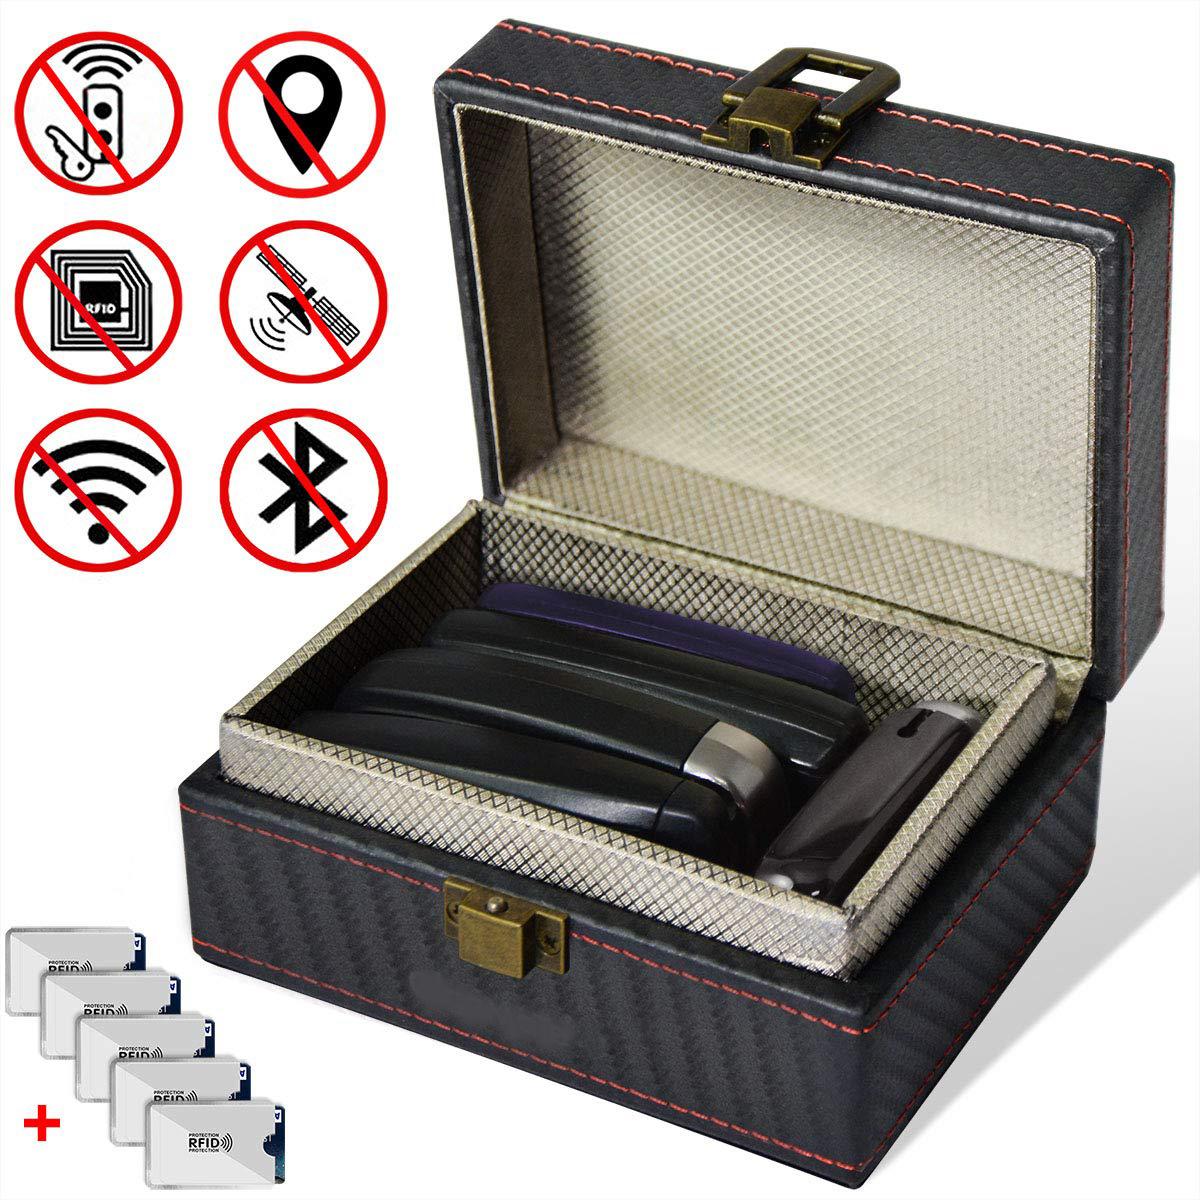 電波 電波遮断 キーケース スマートキー 盗難防止 リレーアタック 自動車 自動車盗難 ケース 盗難 小物入れ BS-RRATBOX-BK 引出物 車両盗難 宅配便送料無料 送料無料 電波遮断スマートキーケース